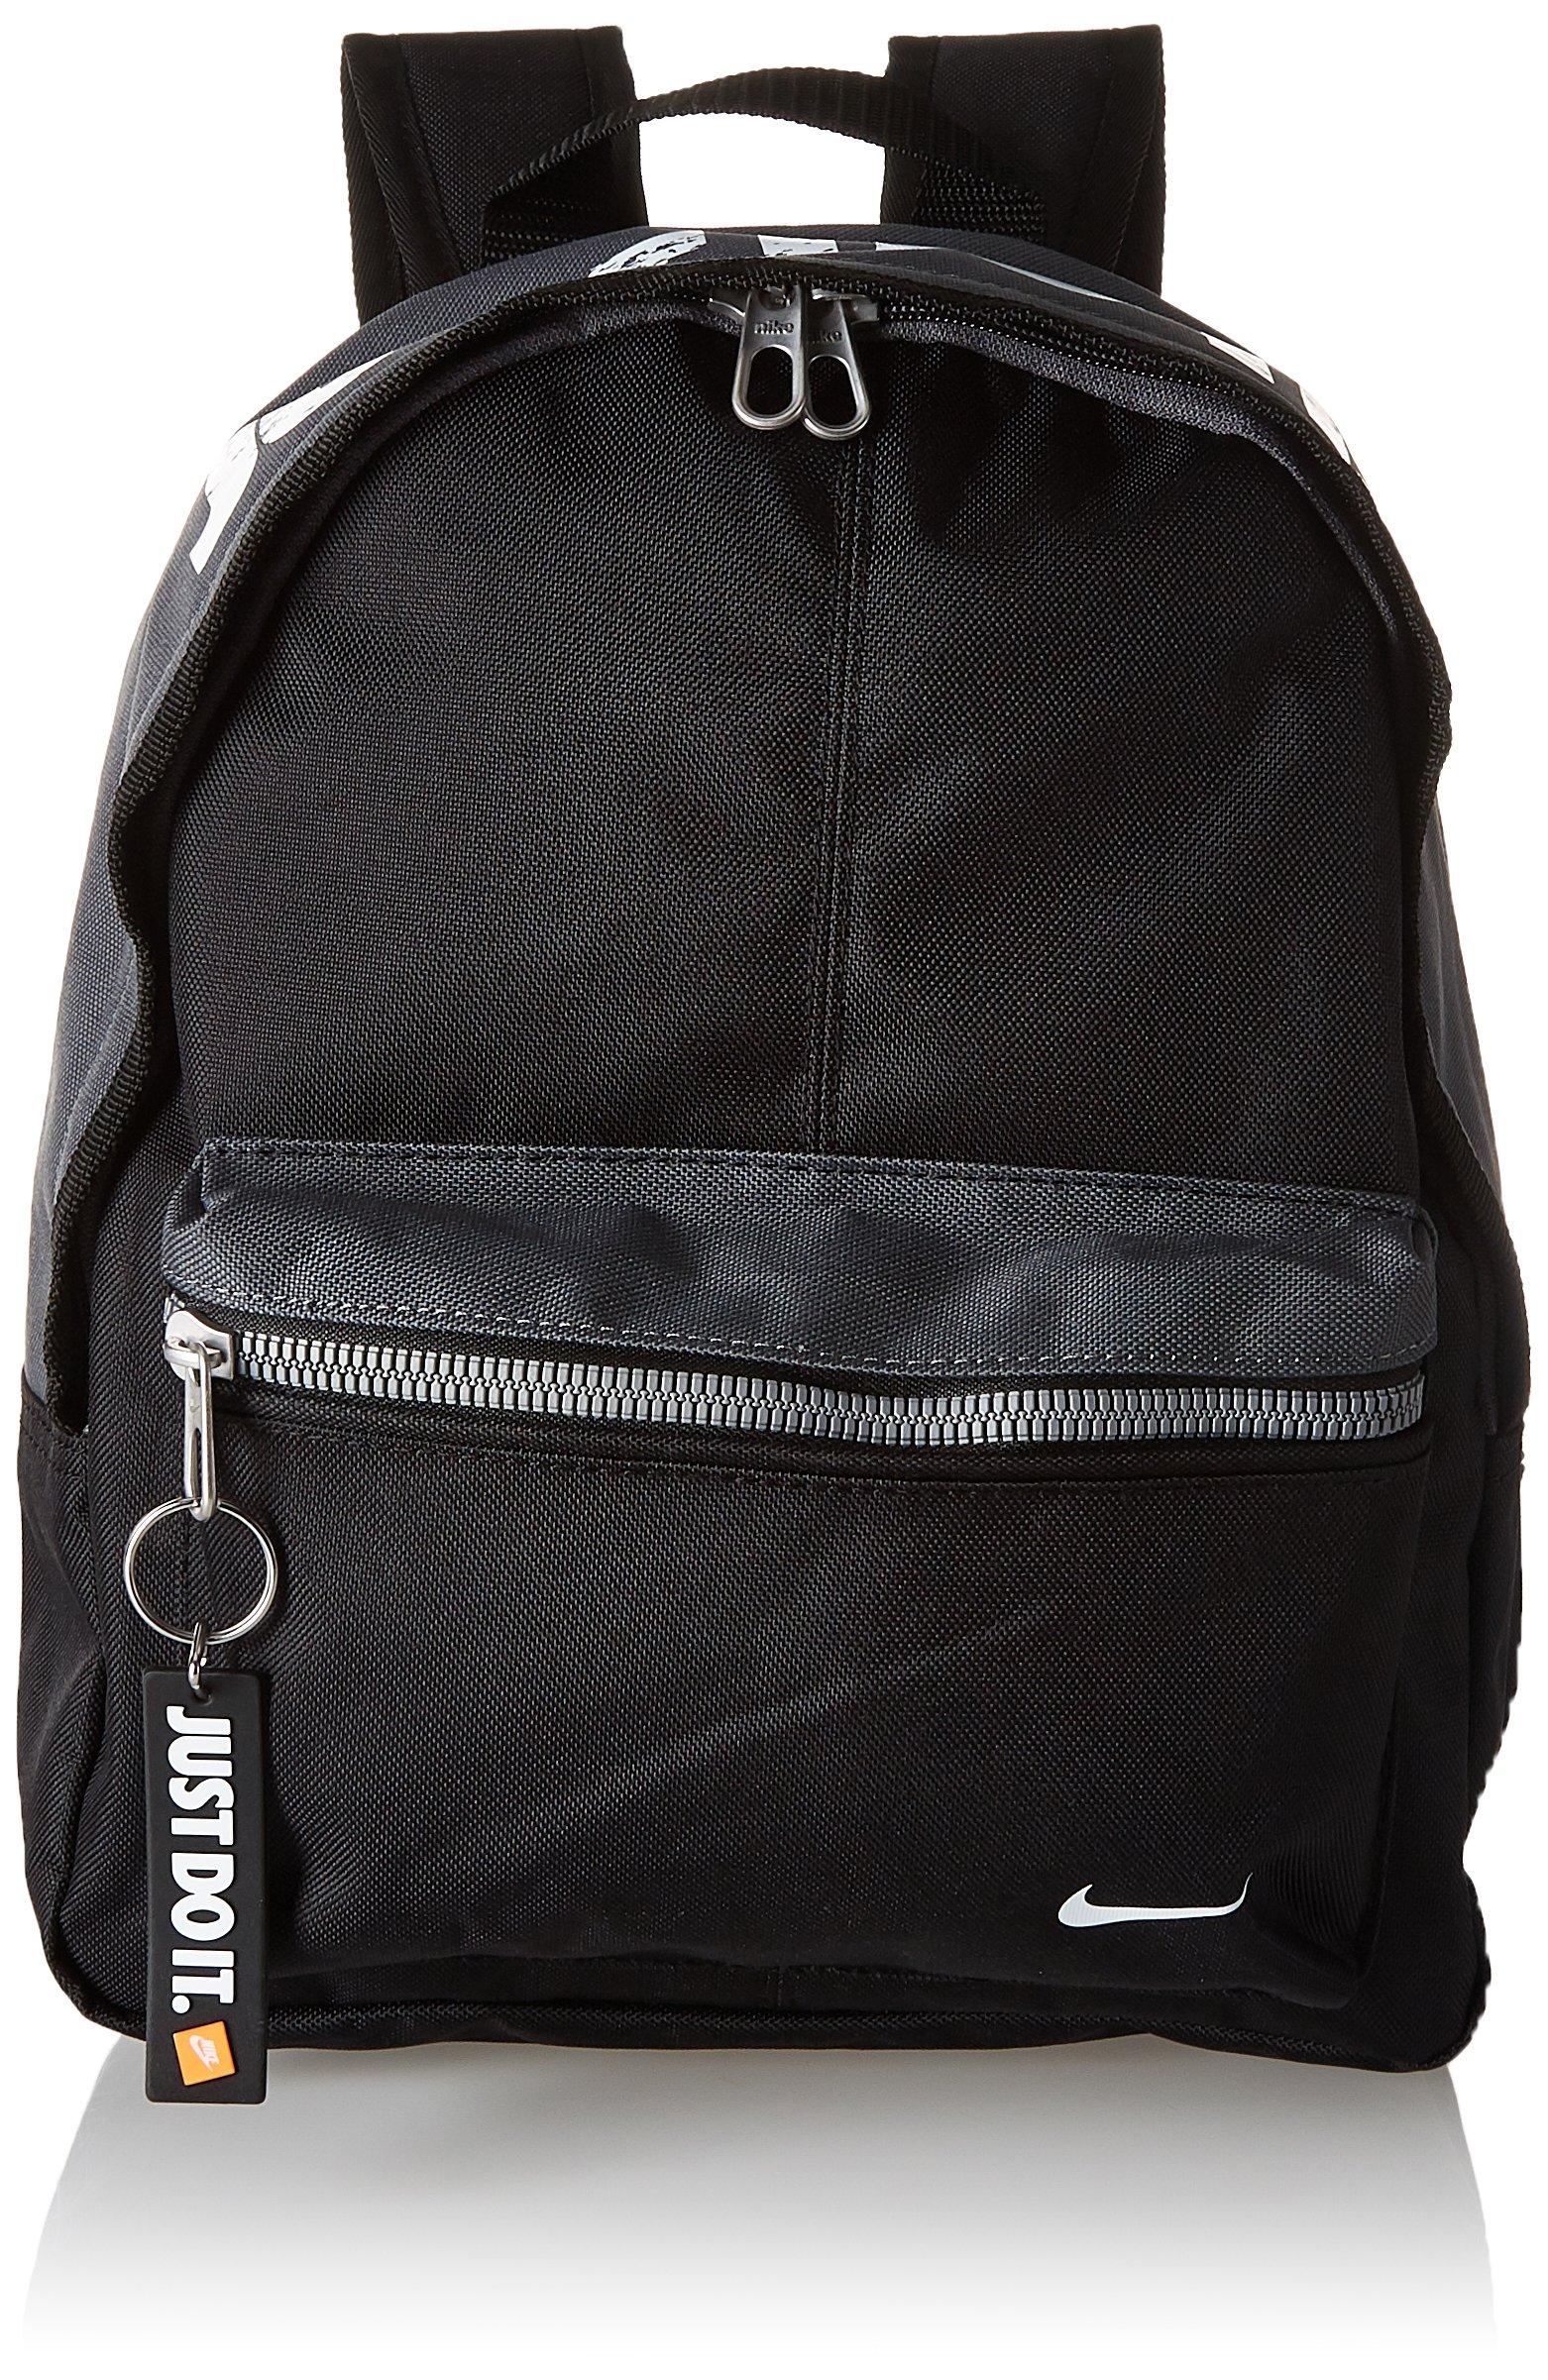 80c246af2 Galleon - Nike Kids' Classic Mini Backpack